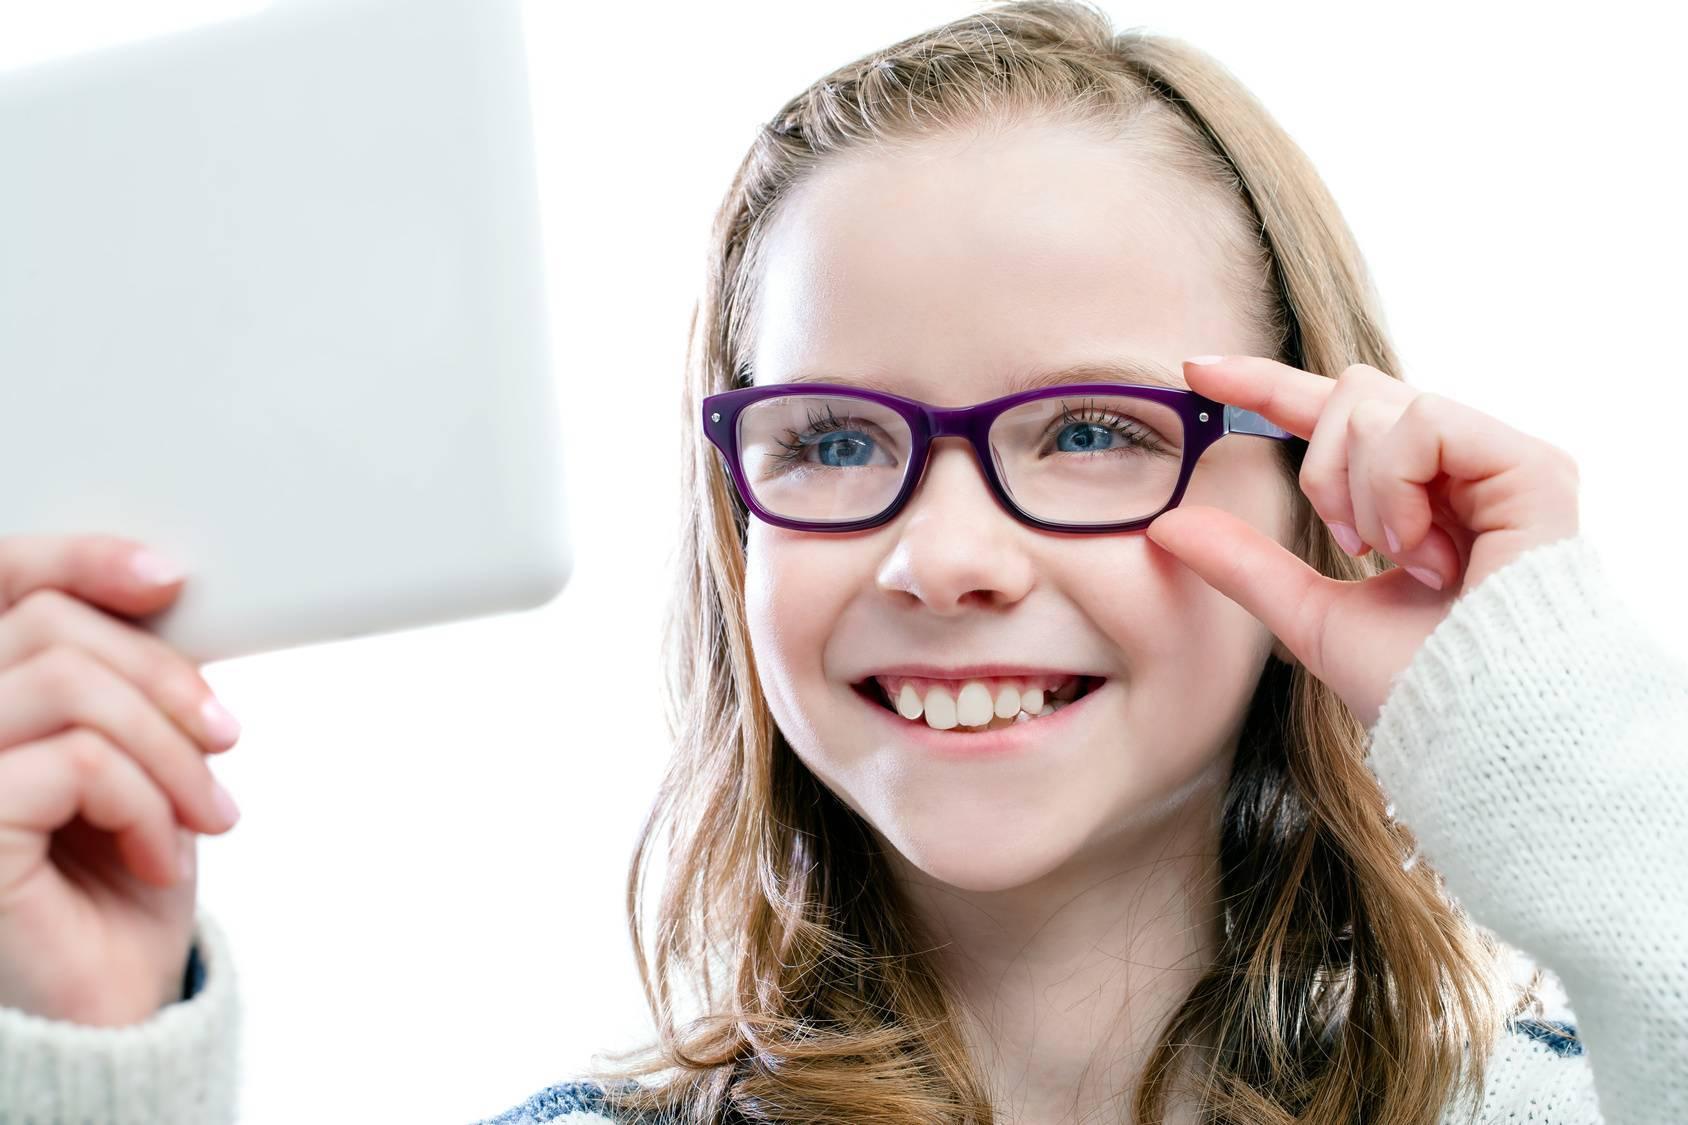 Дальнозоркость у детей до года: когда надо лечить